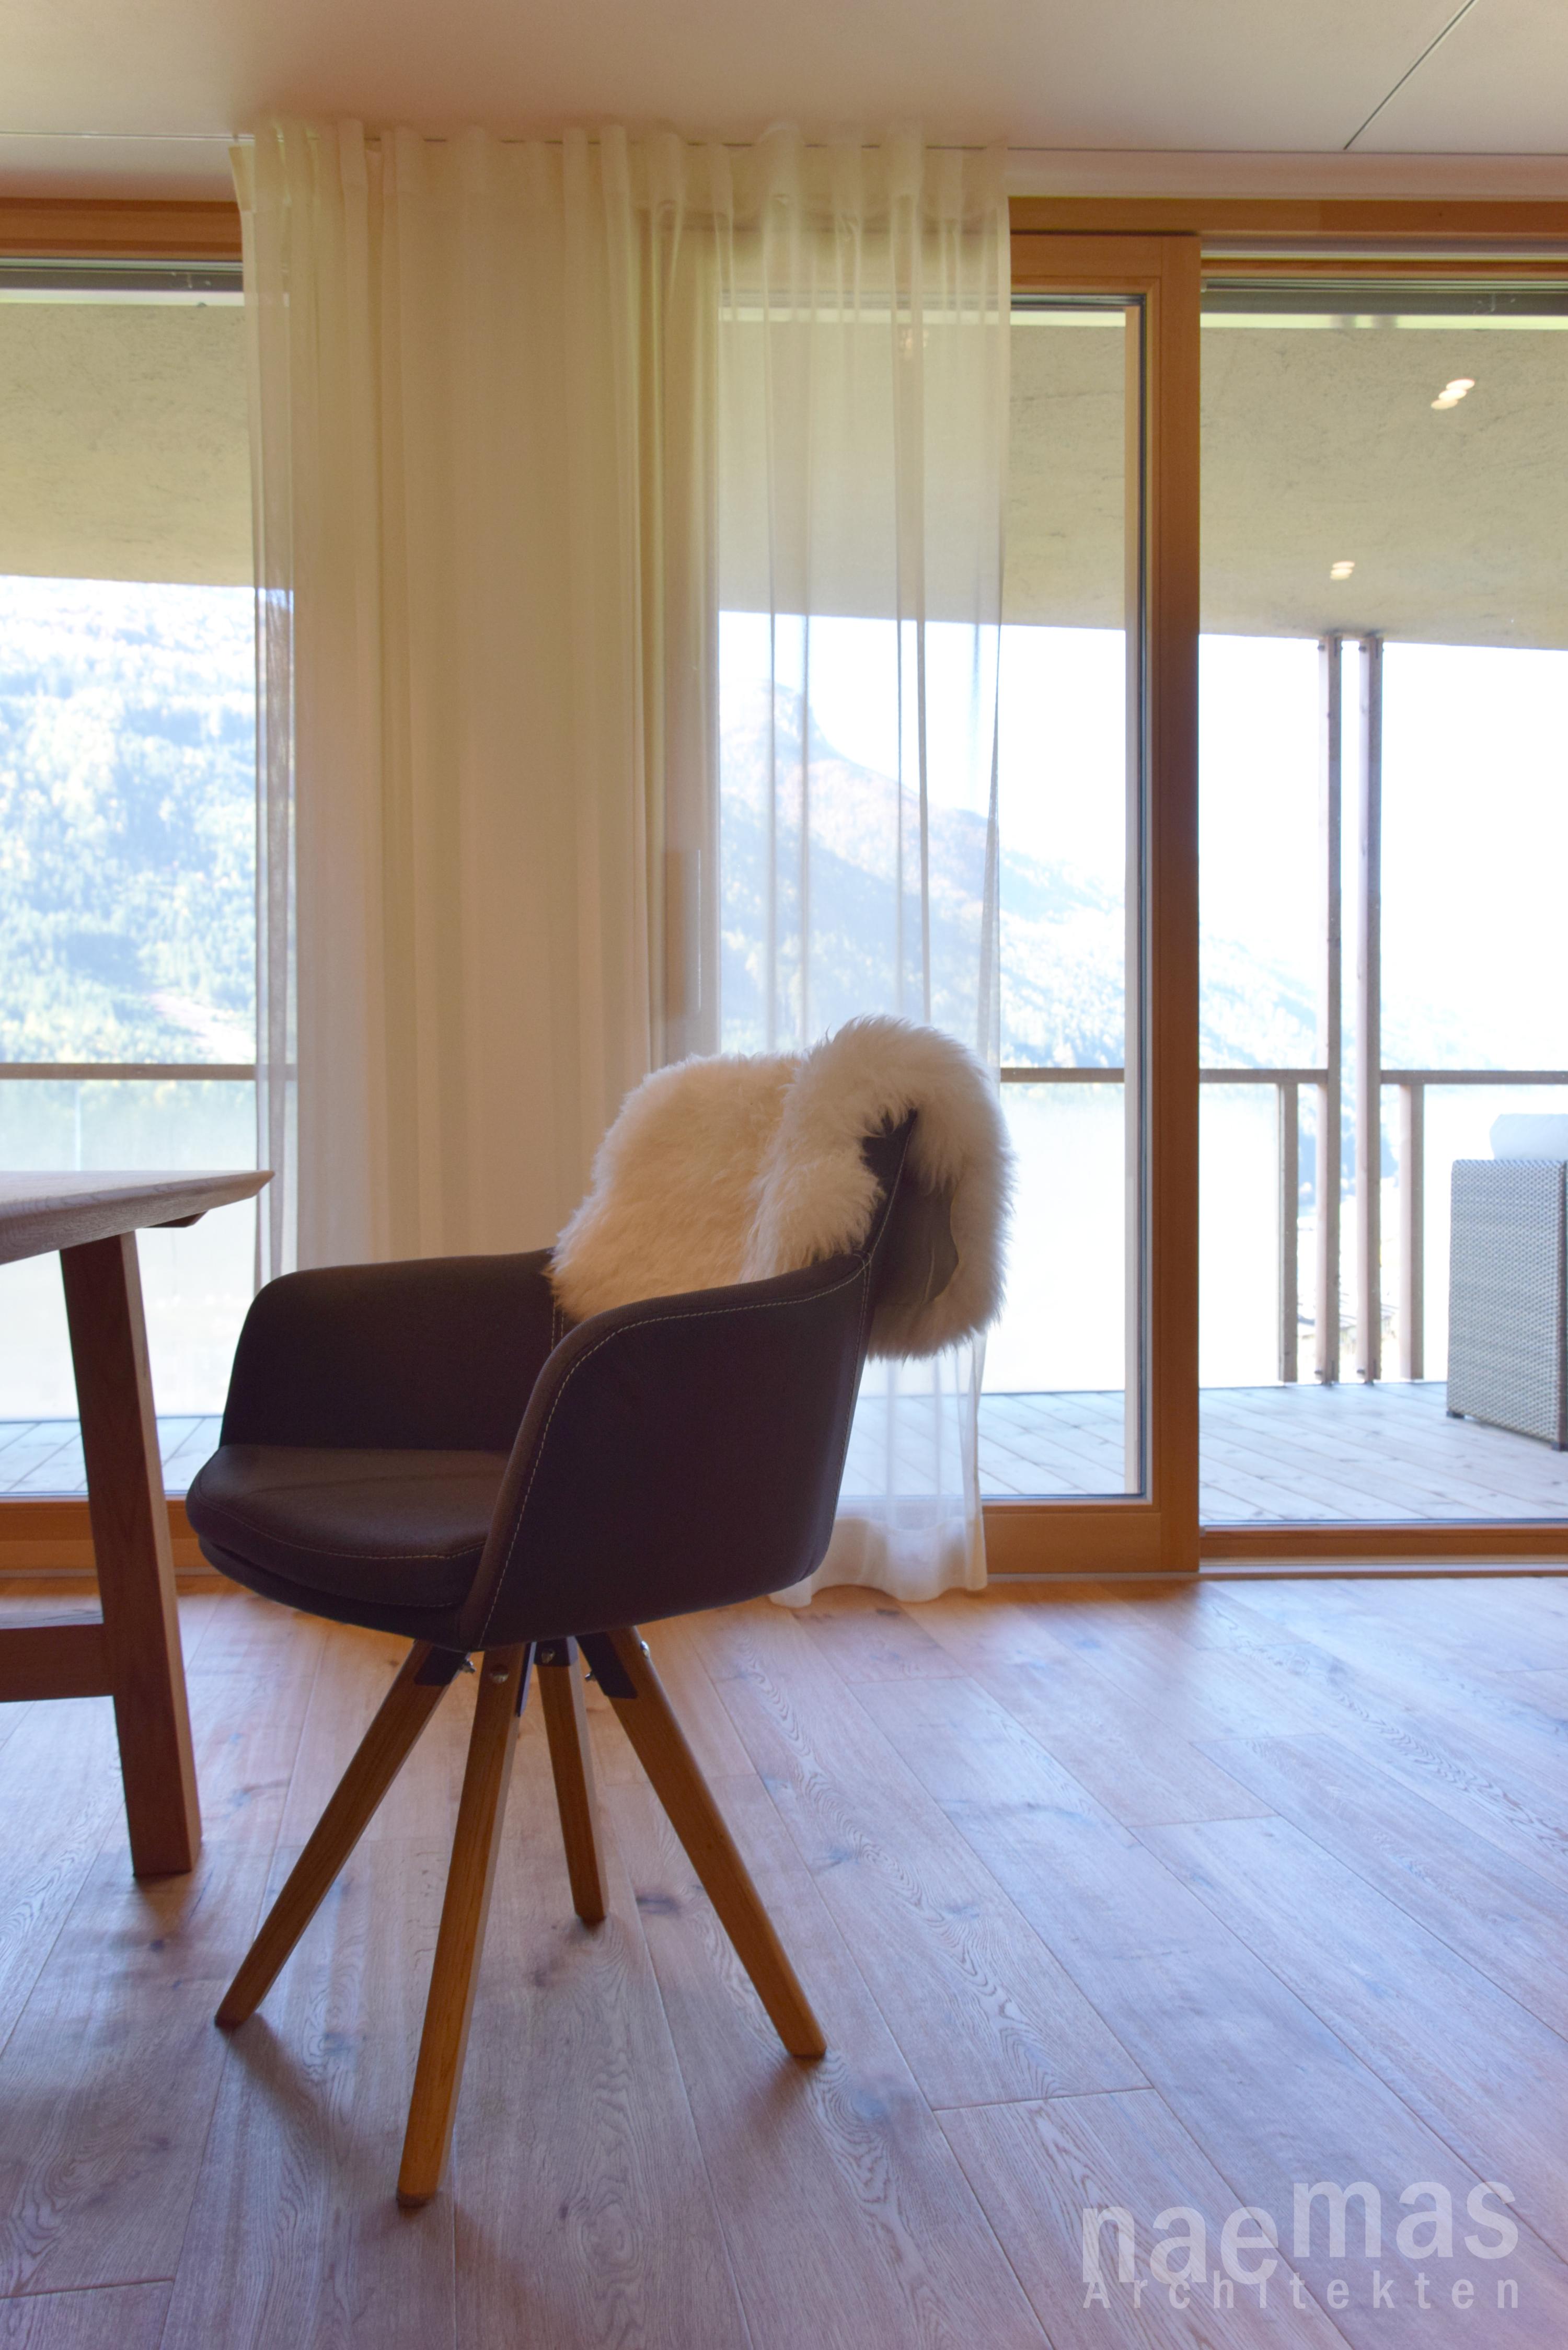 naemas Architekten_snowblue Sterzing